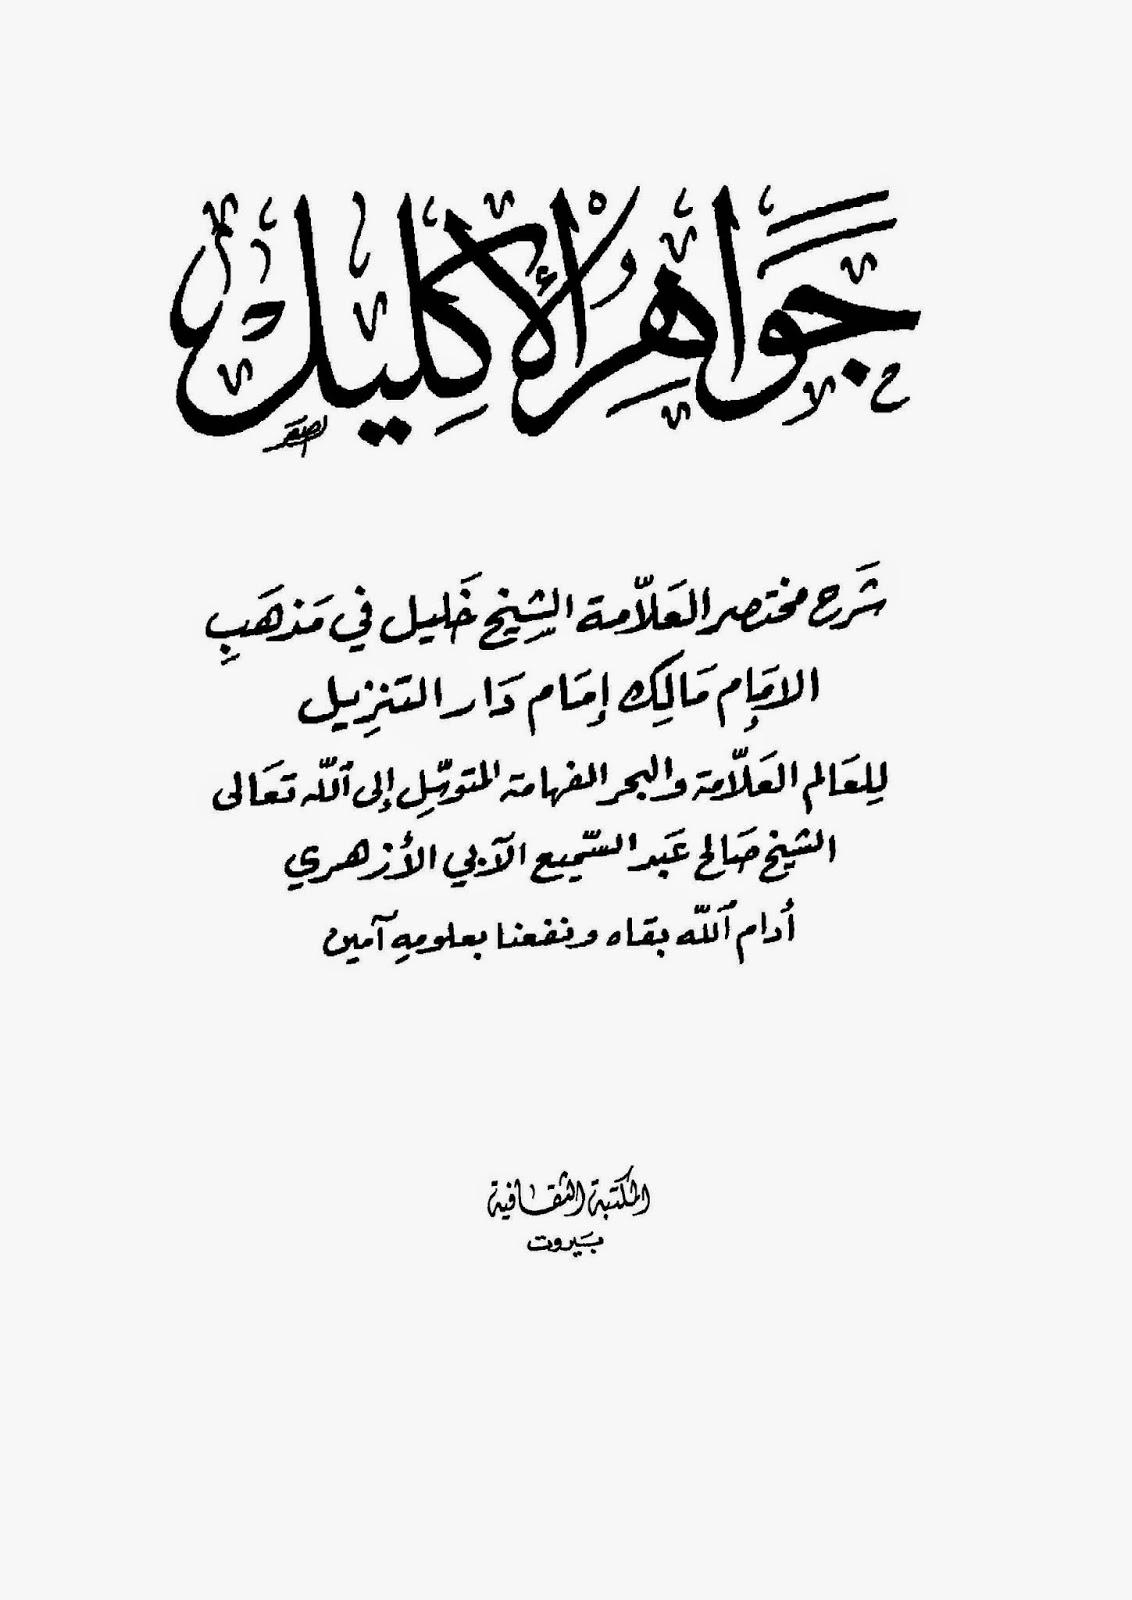 جواهر الإكليل شرح مختصر خليل لـ صالح عبد المسيع الآبي الأزهري